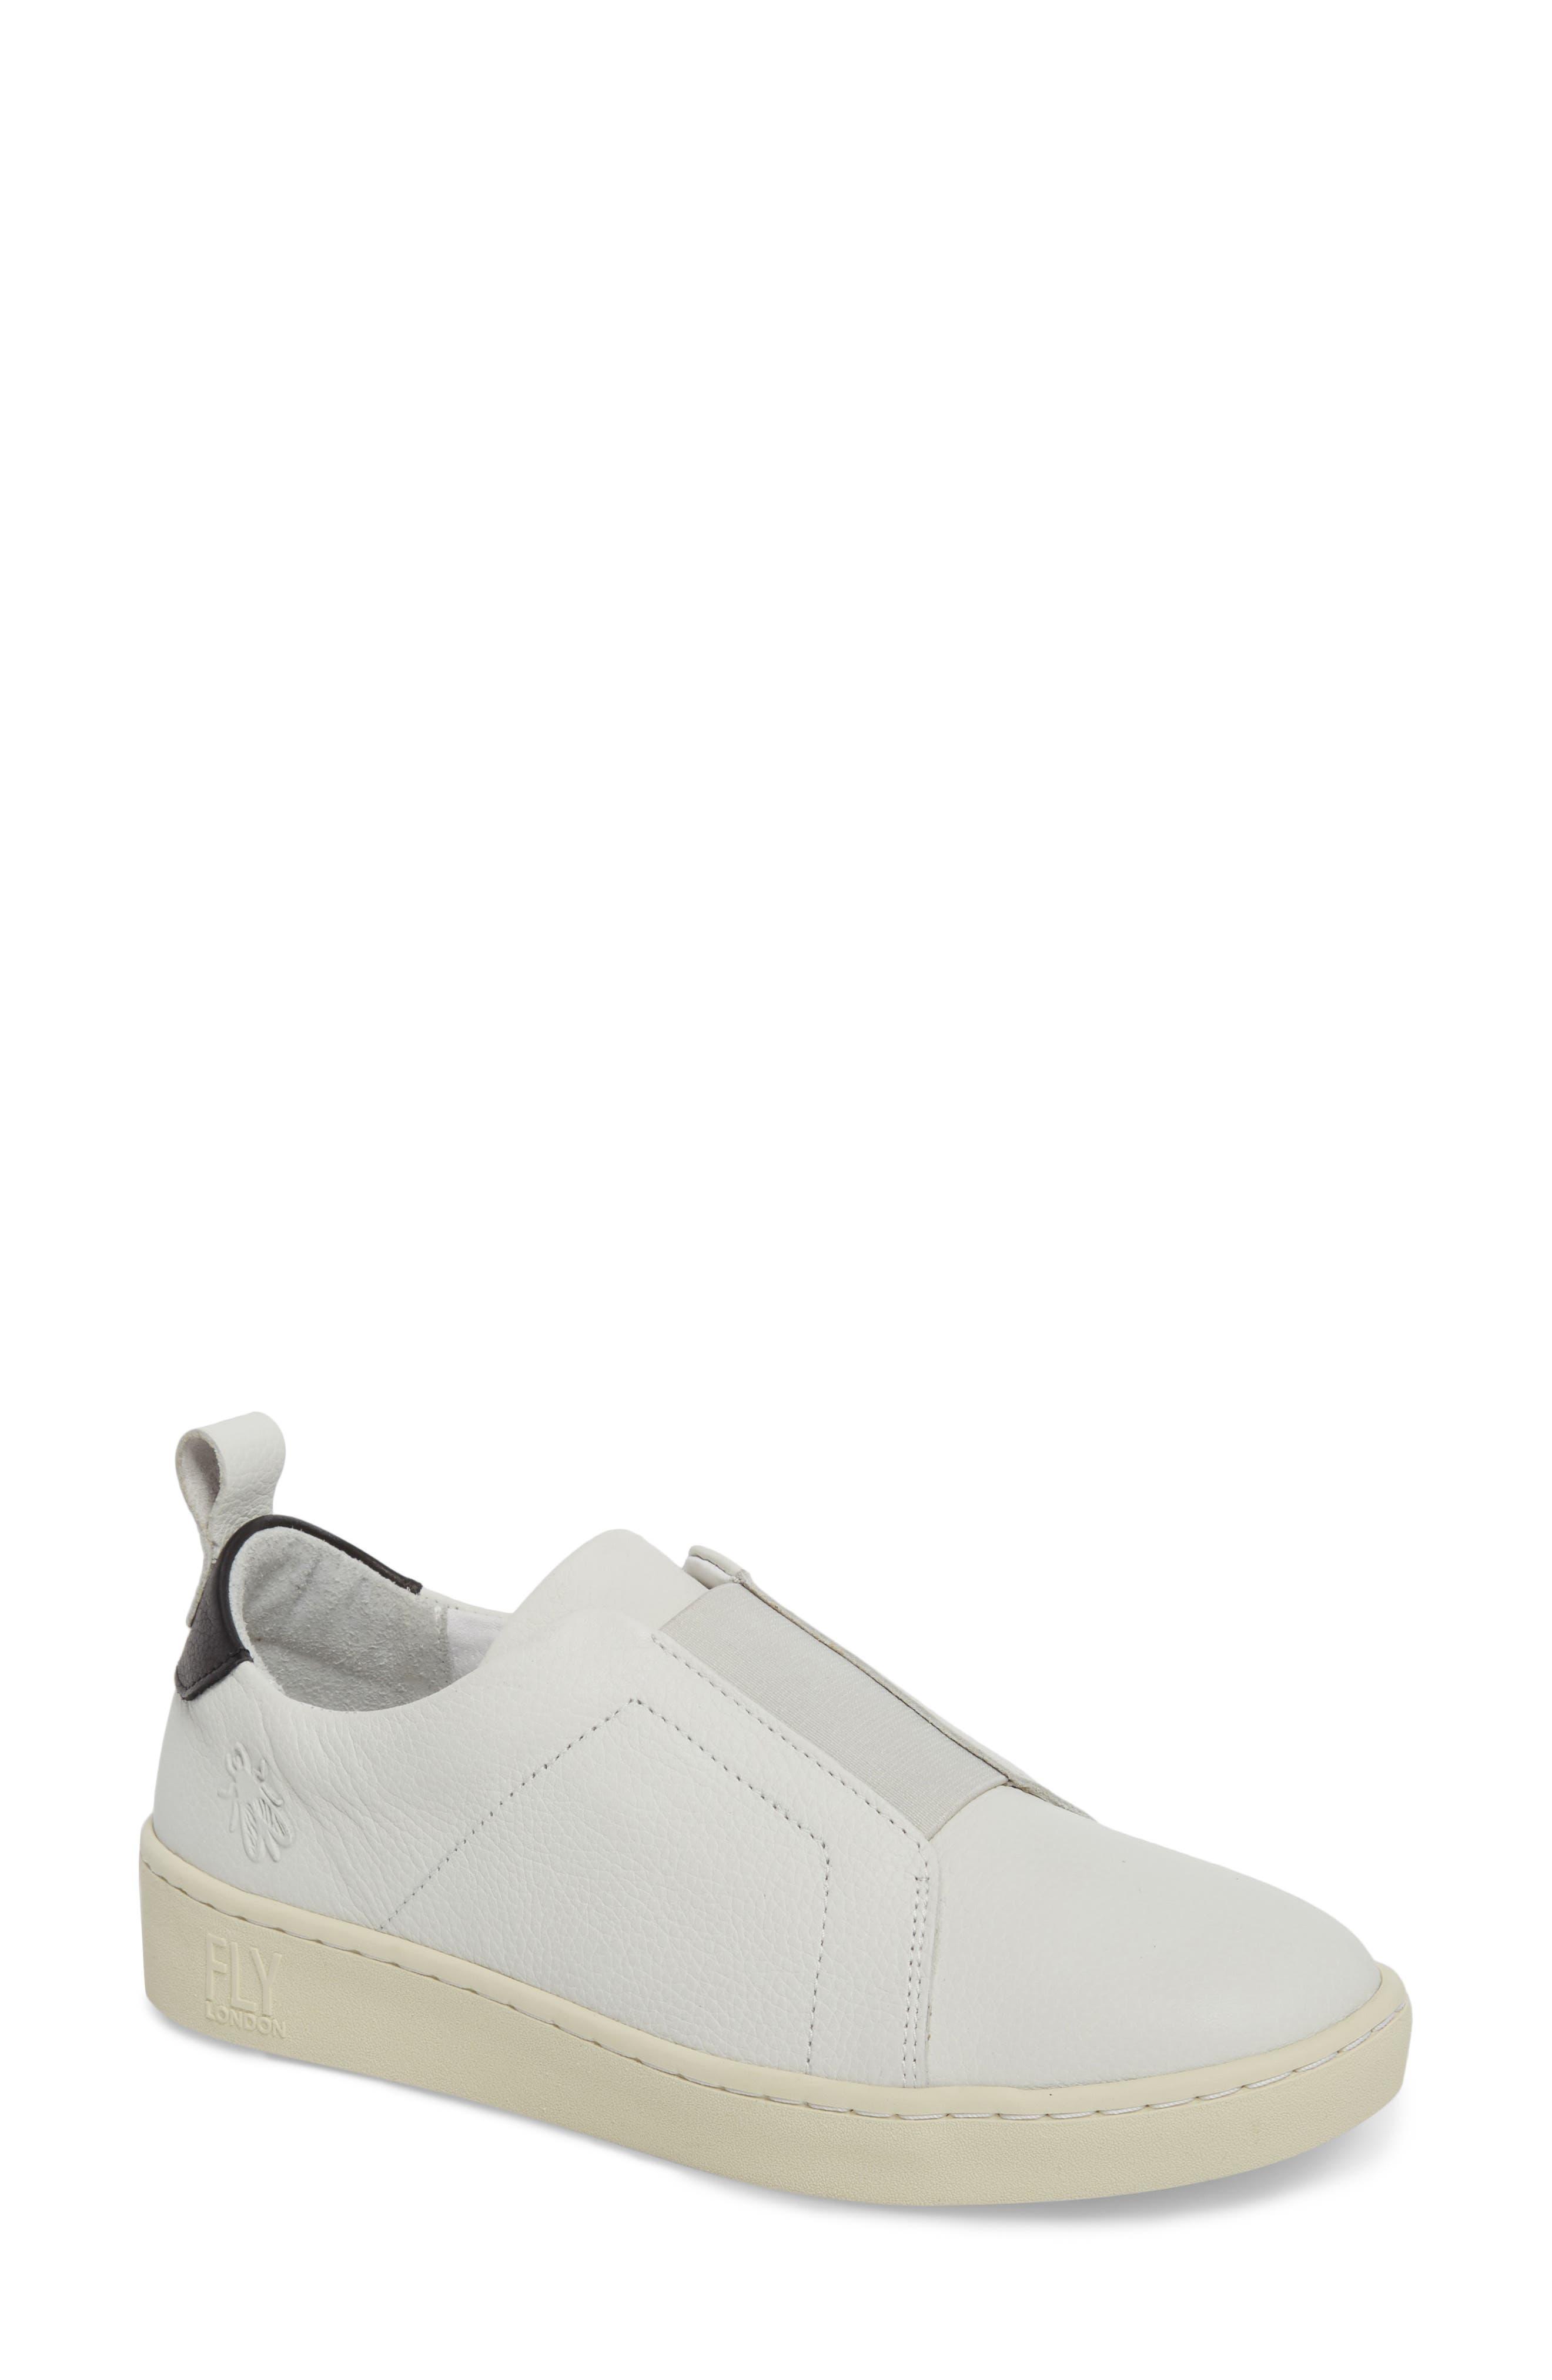 Fly London Mutt Slip-On Sneaker (Women)